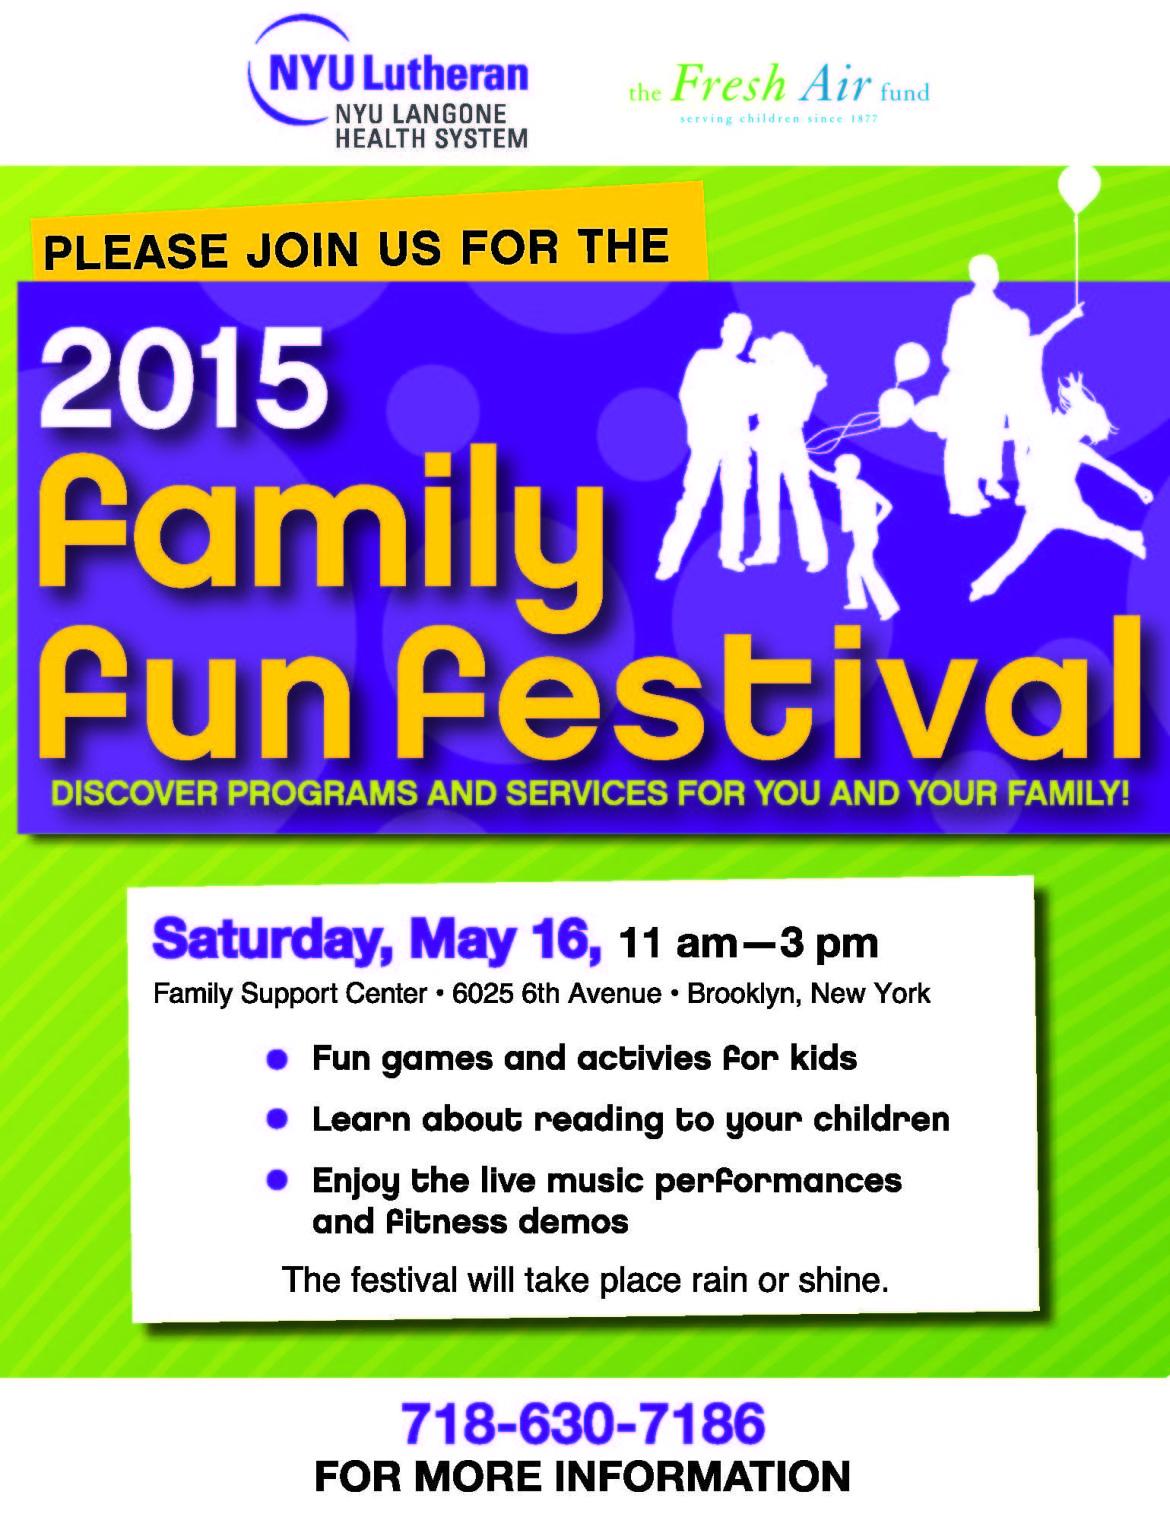 FamilyFestival_2015v1